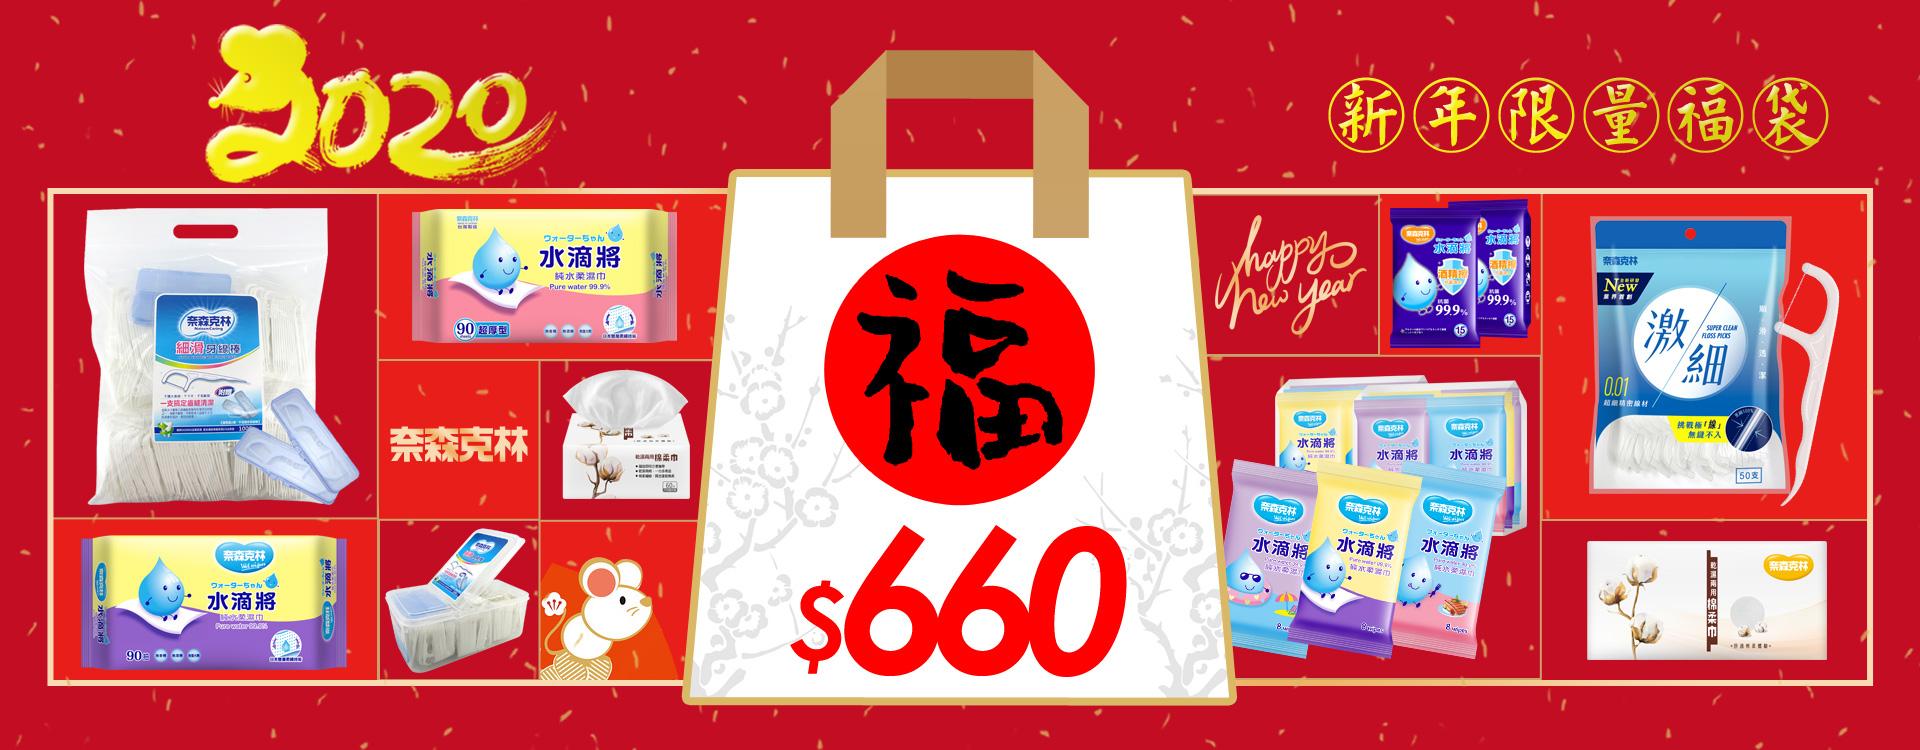 2020樂不思鼠新年限量福袋超值價660